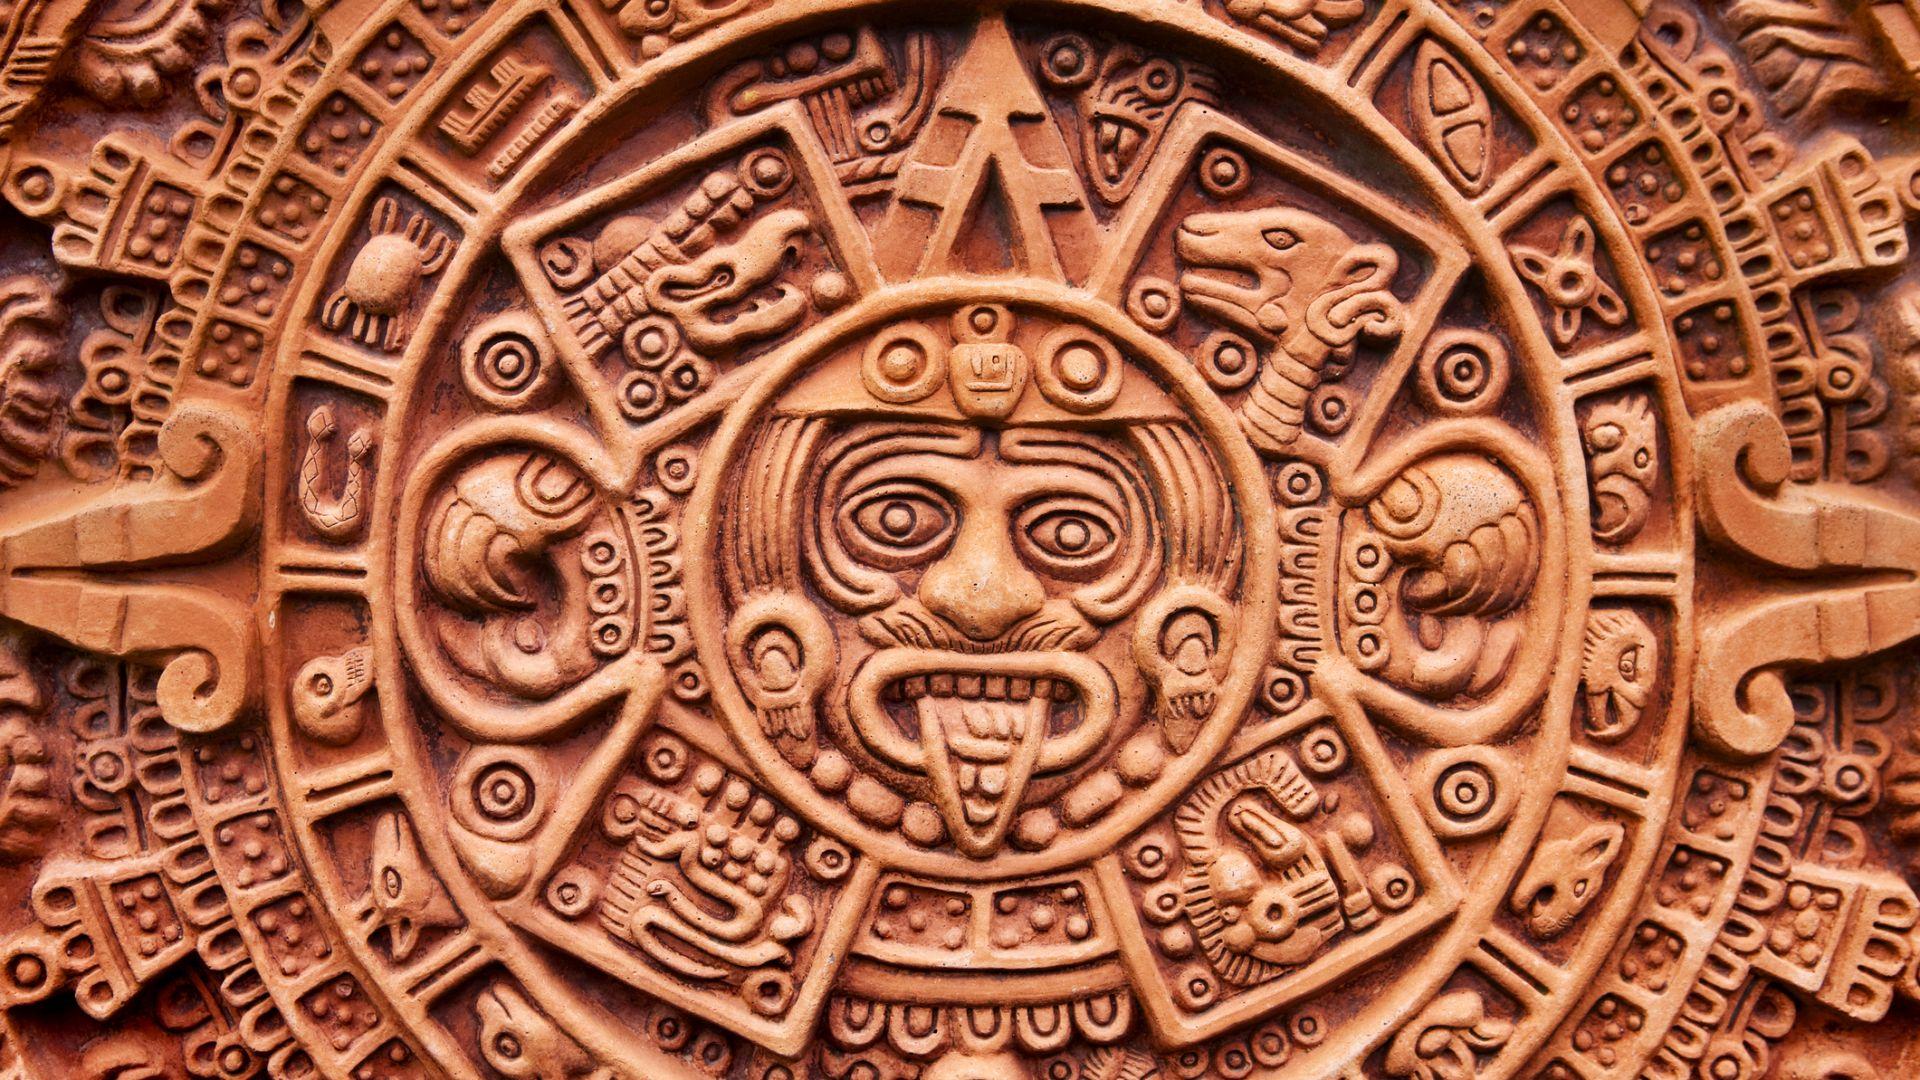 Хоата са се заселили в Латинска Америка преди 12 000 години